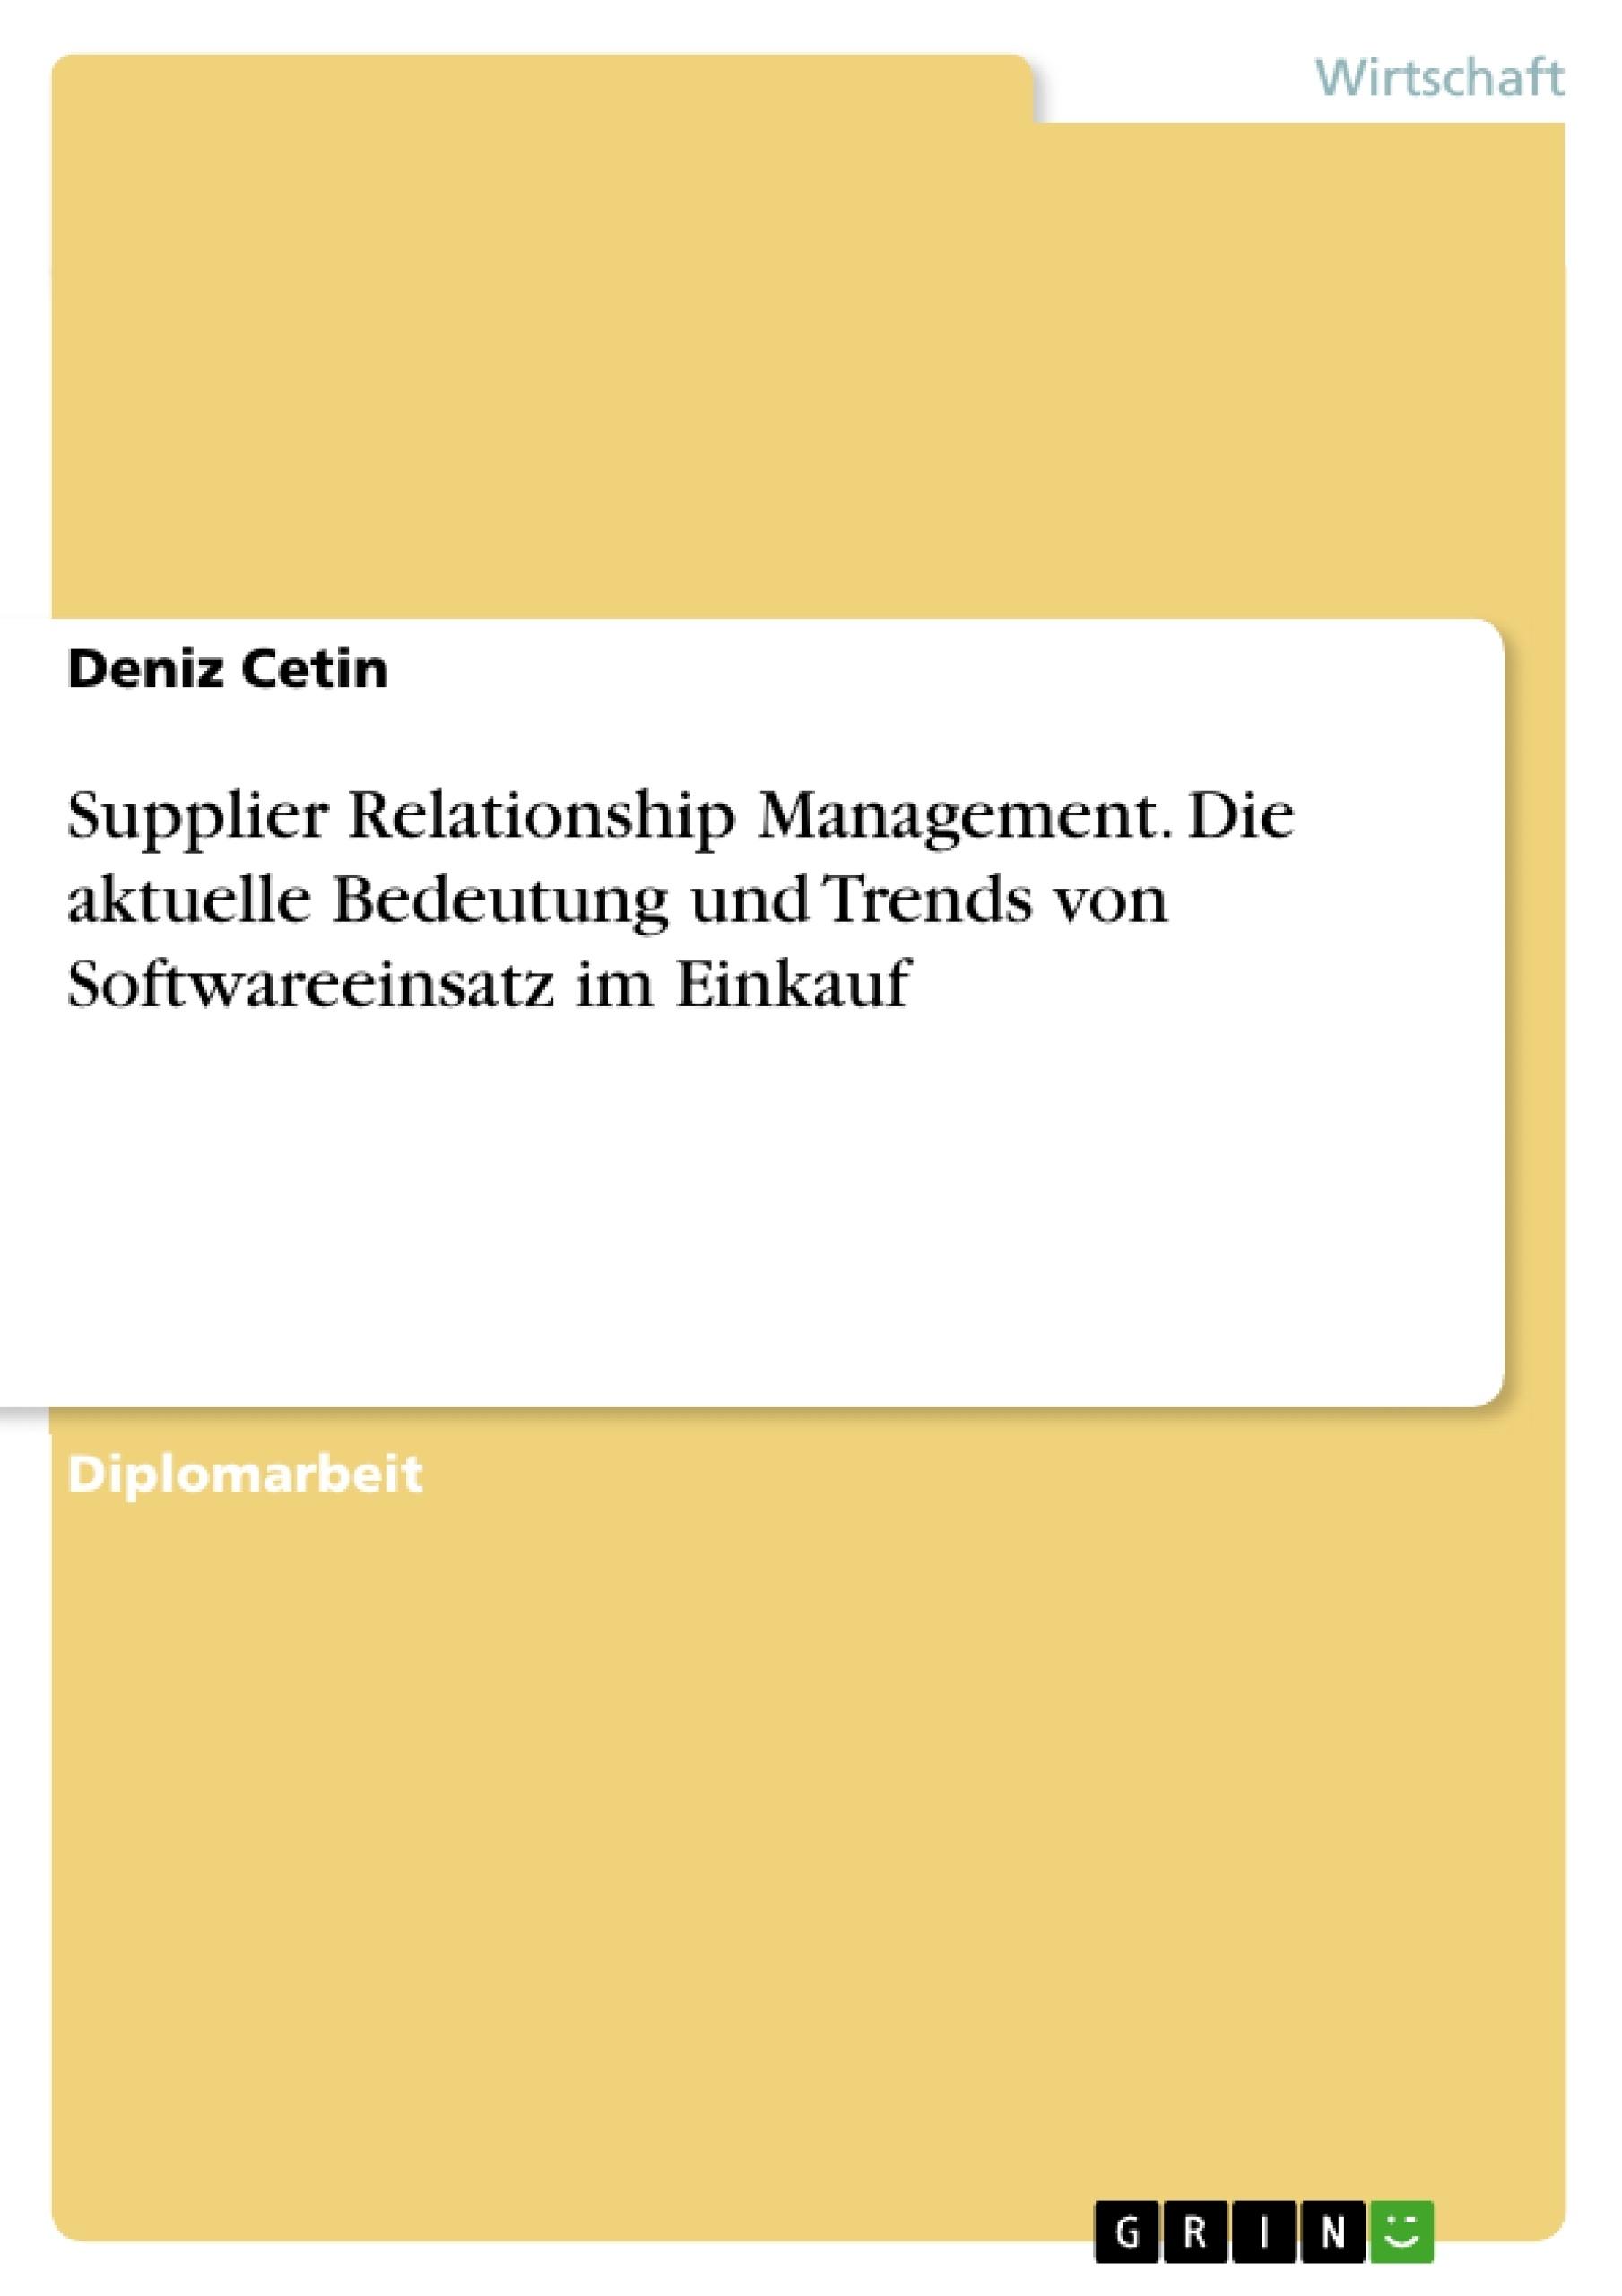 Titel: Supplier Relationship Management. Die aktuelle Bedeutung und Trends von Softwareeinsatz im Einkauf